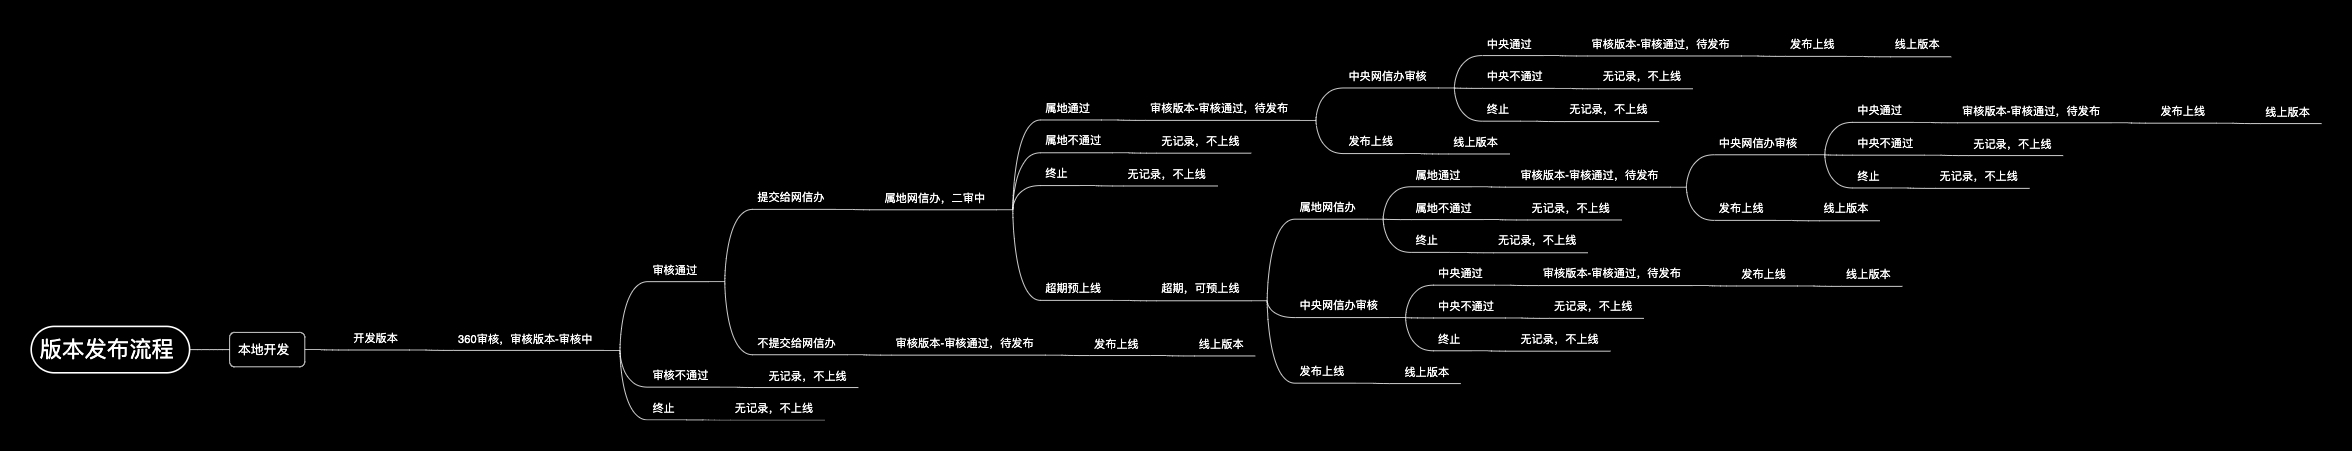 版本发布流程